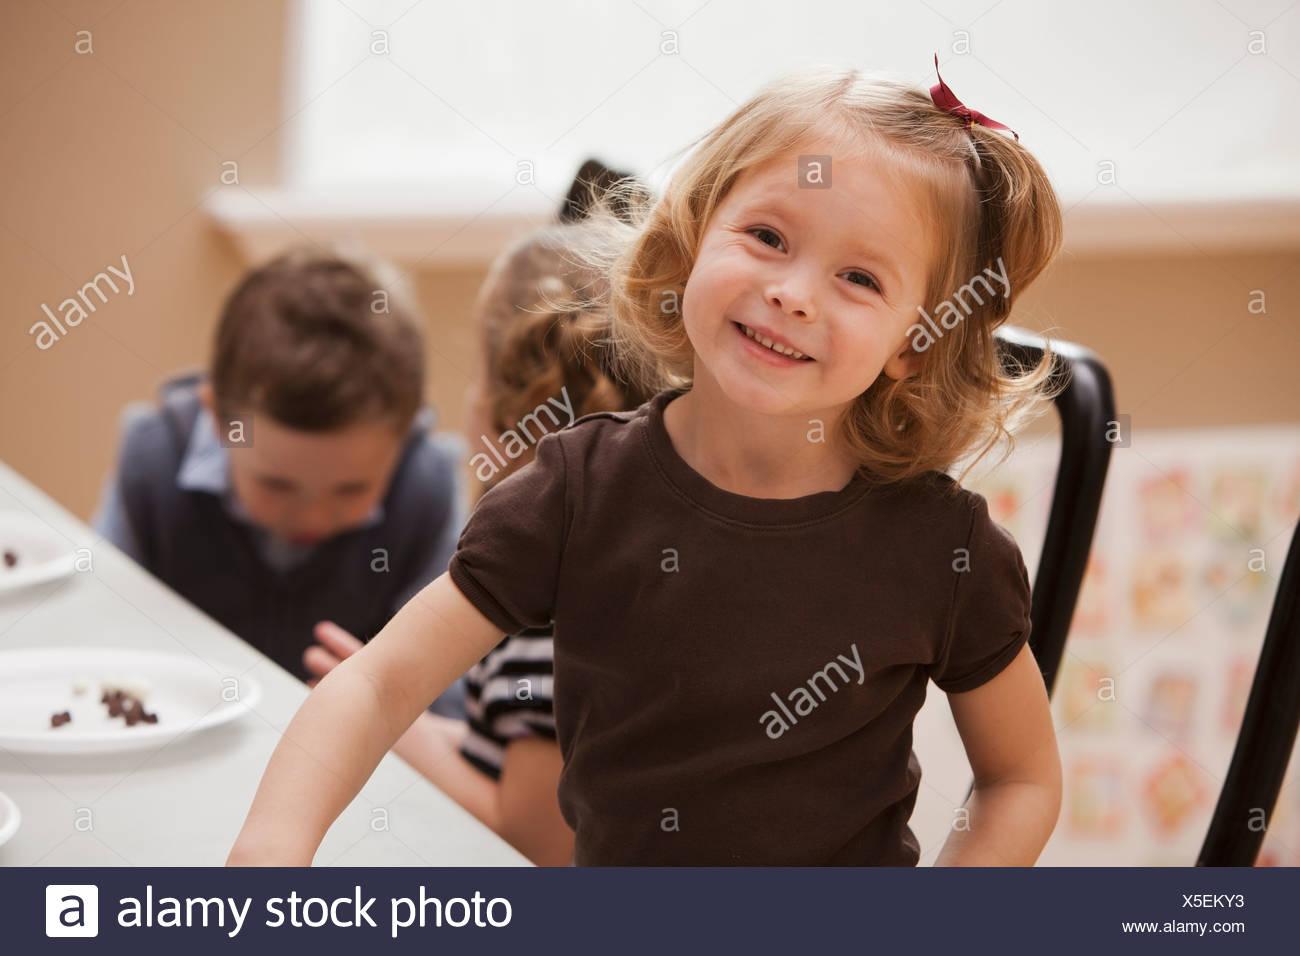 Portrait of girl (2-3) in kindergarten - Stock Image